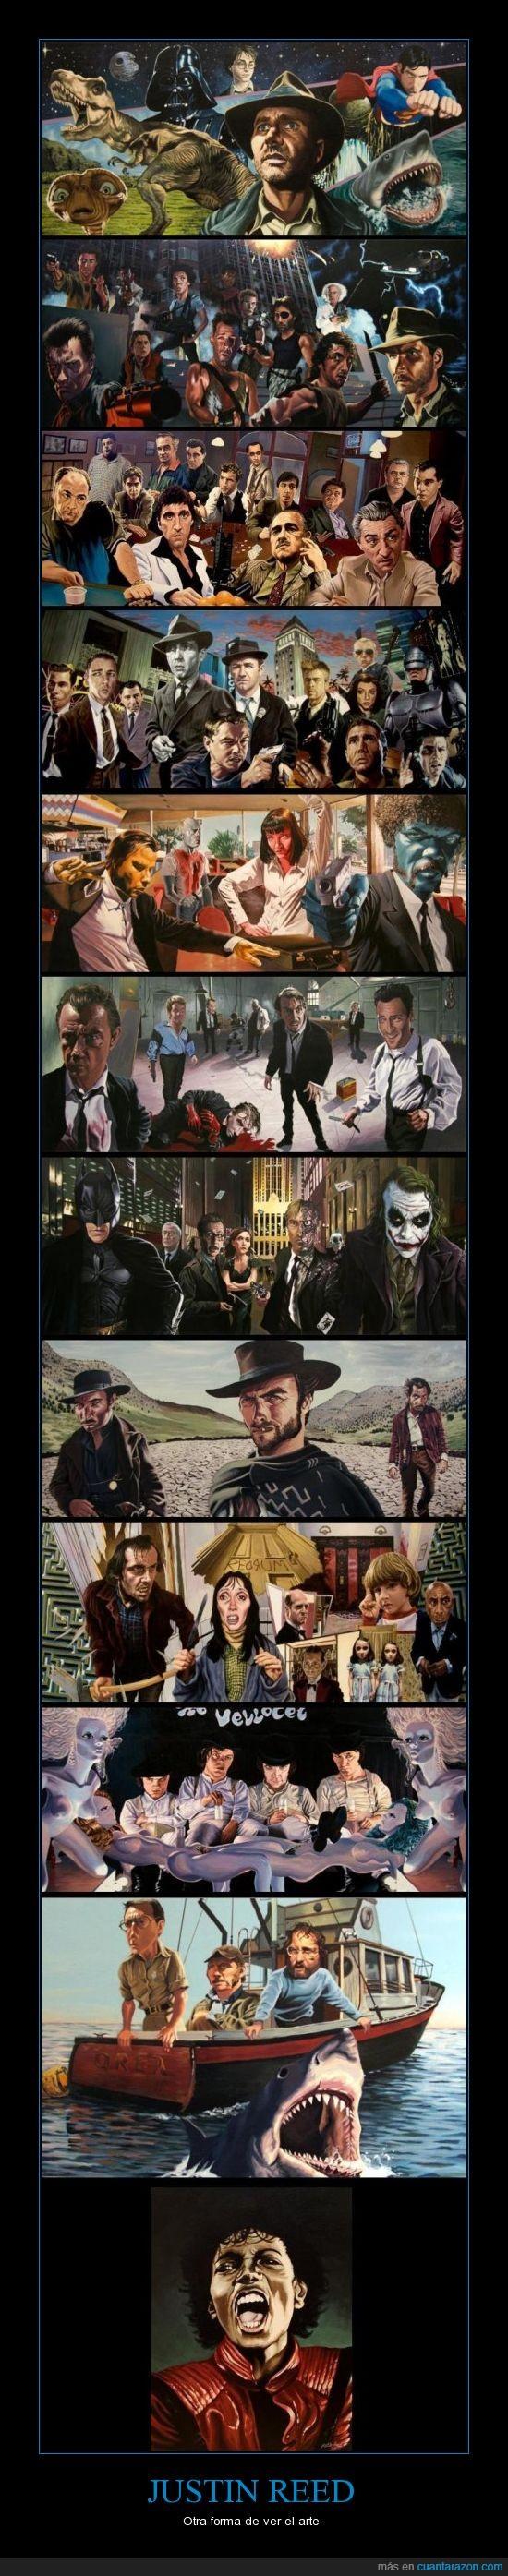 acción,arte,cine,dibujos,ficción,justin reed,mafia,michael jackson,pintura